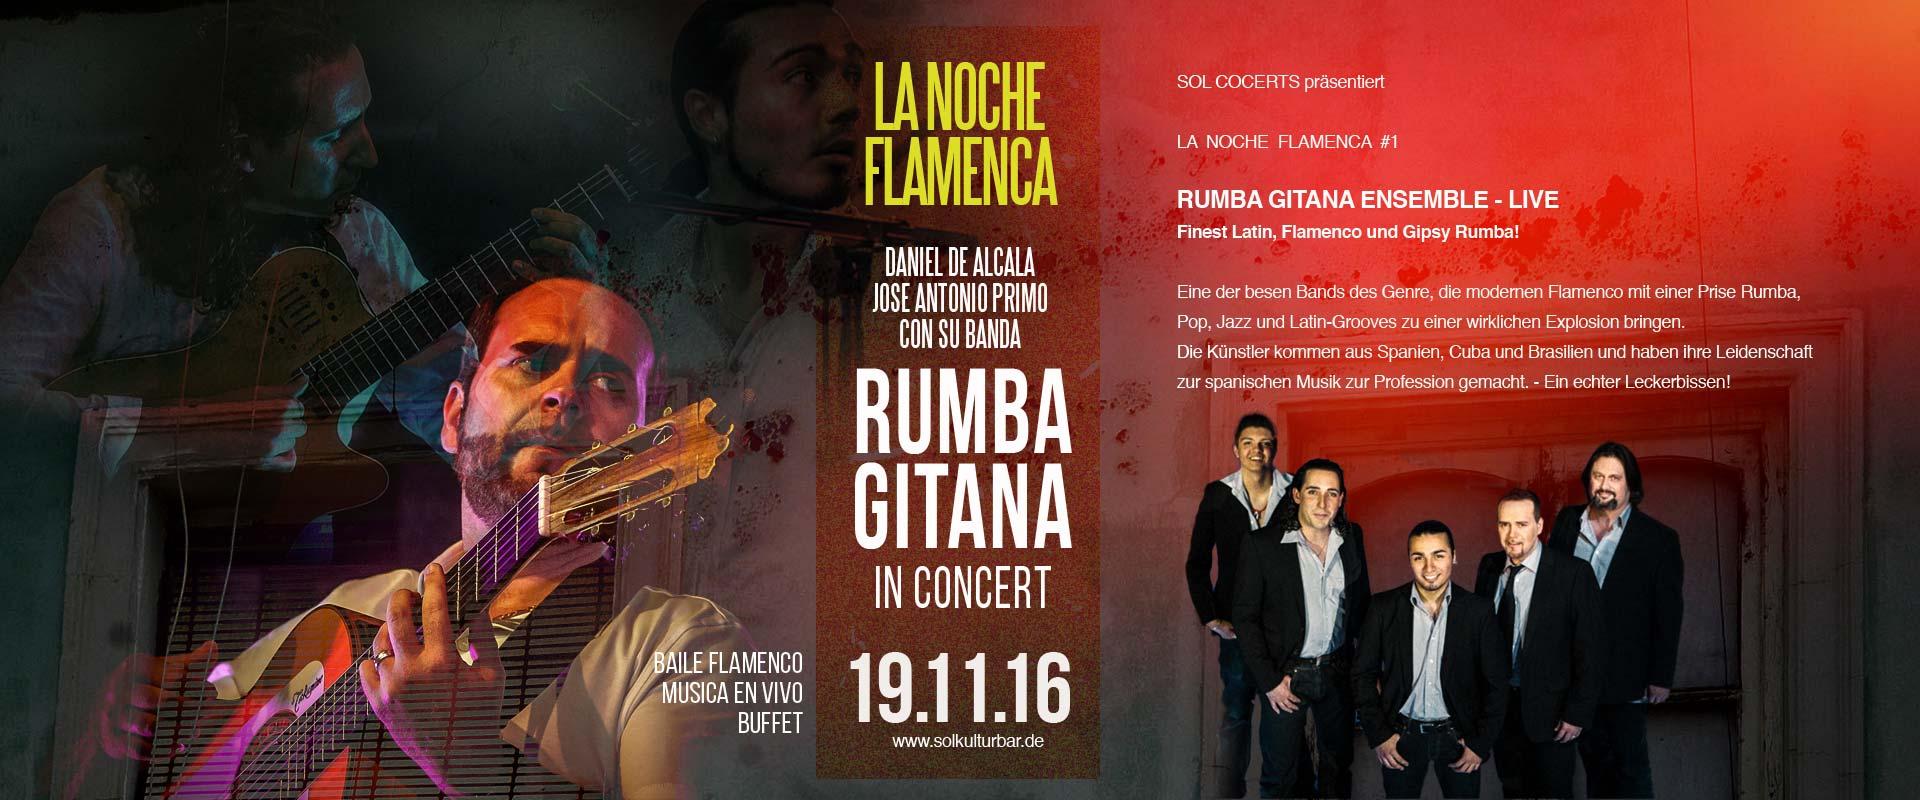 Daniel de Alcala y Jose Antonio Primo con su banda RUMBA GITANA